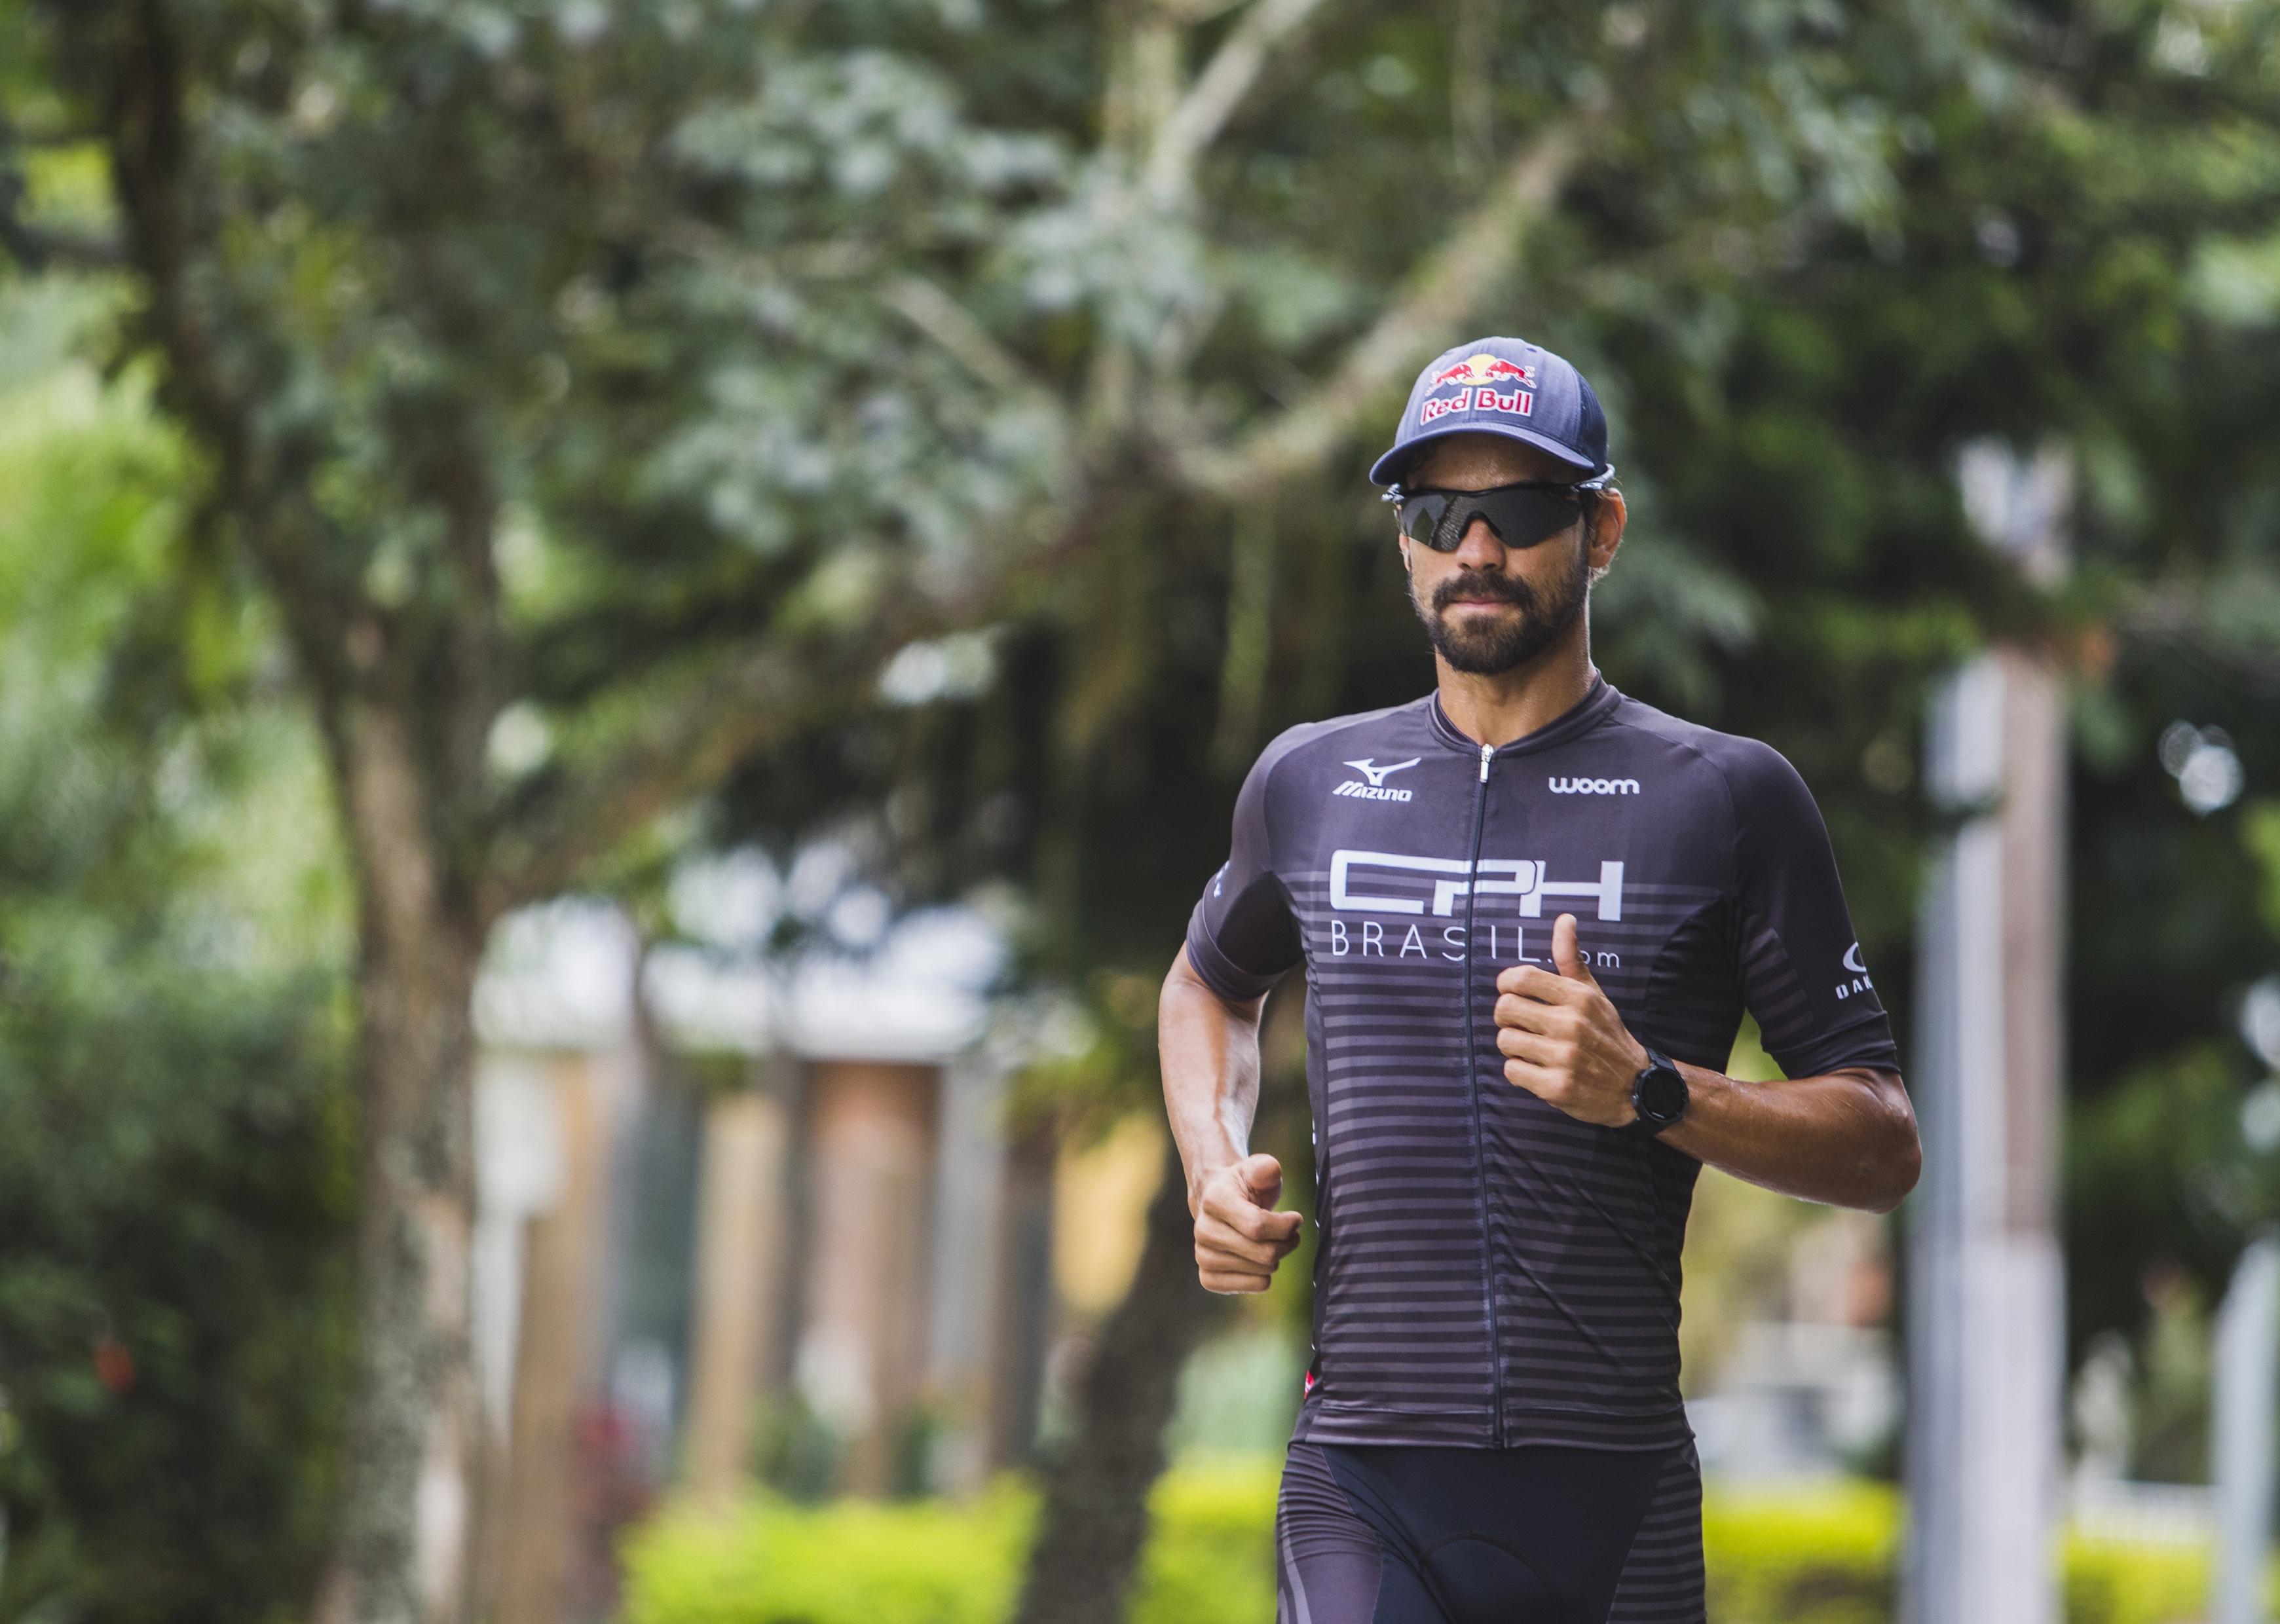 Em 2017, Amorelli já conquistou um terceiro lugar no Ironman 70.3 de Buenos Aires - Daniel Queiroz/ND